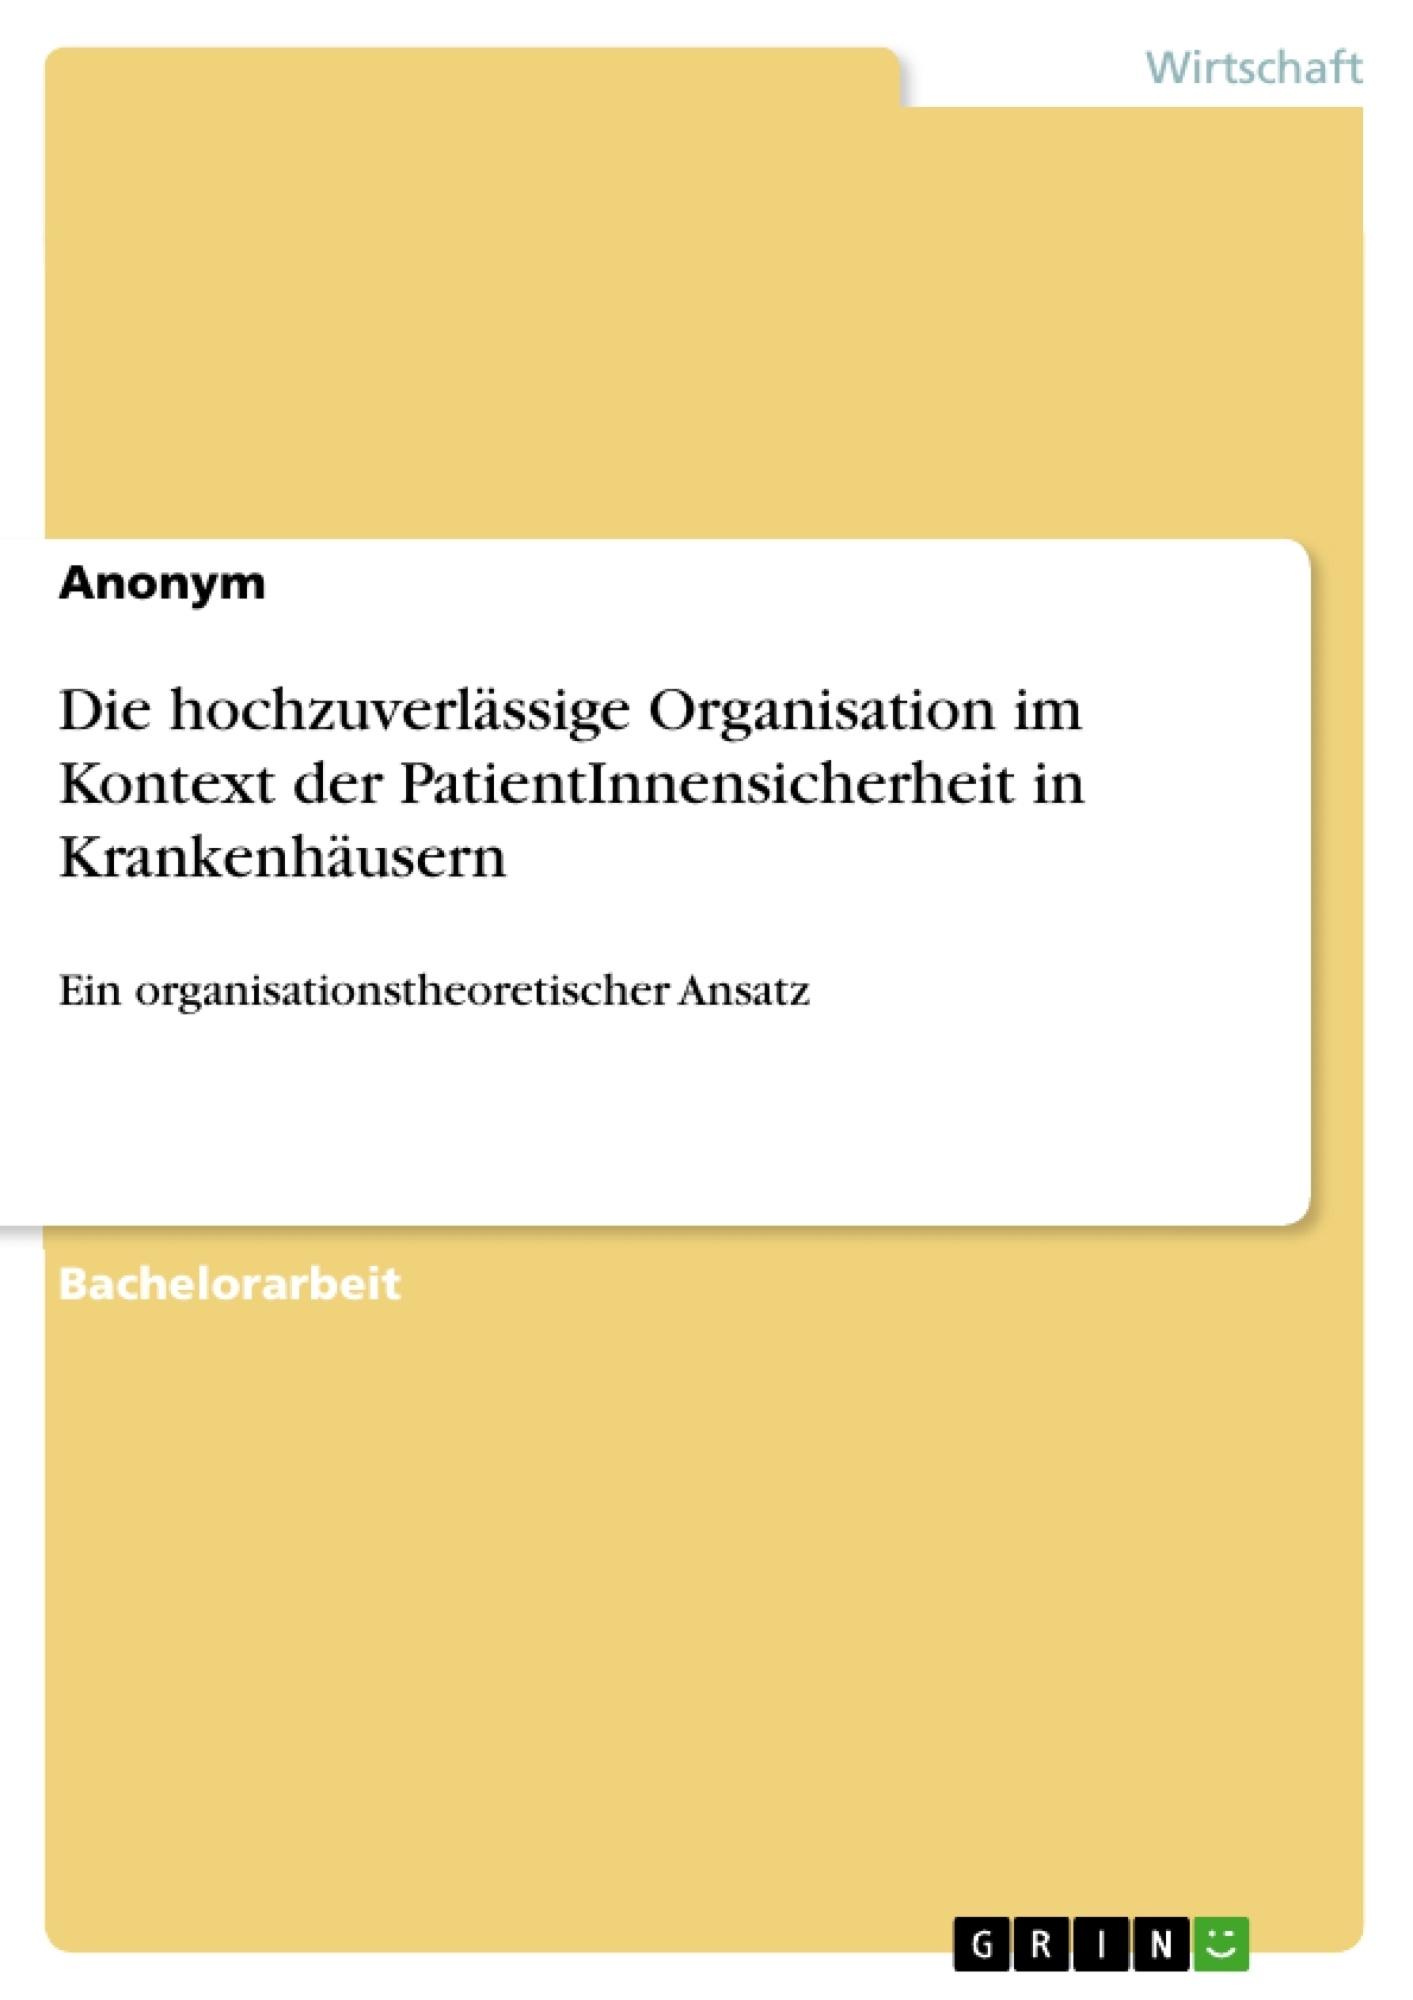 Titel: Die hochzuverlässige Organisation im Kontext der PatientInnensicherheit in Krankenhäusern